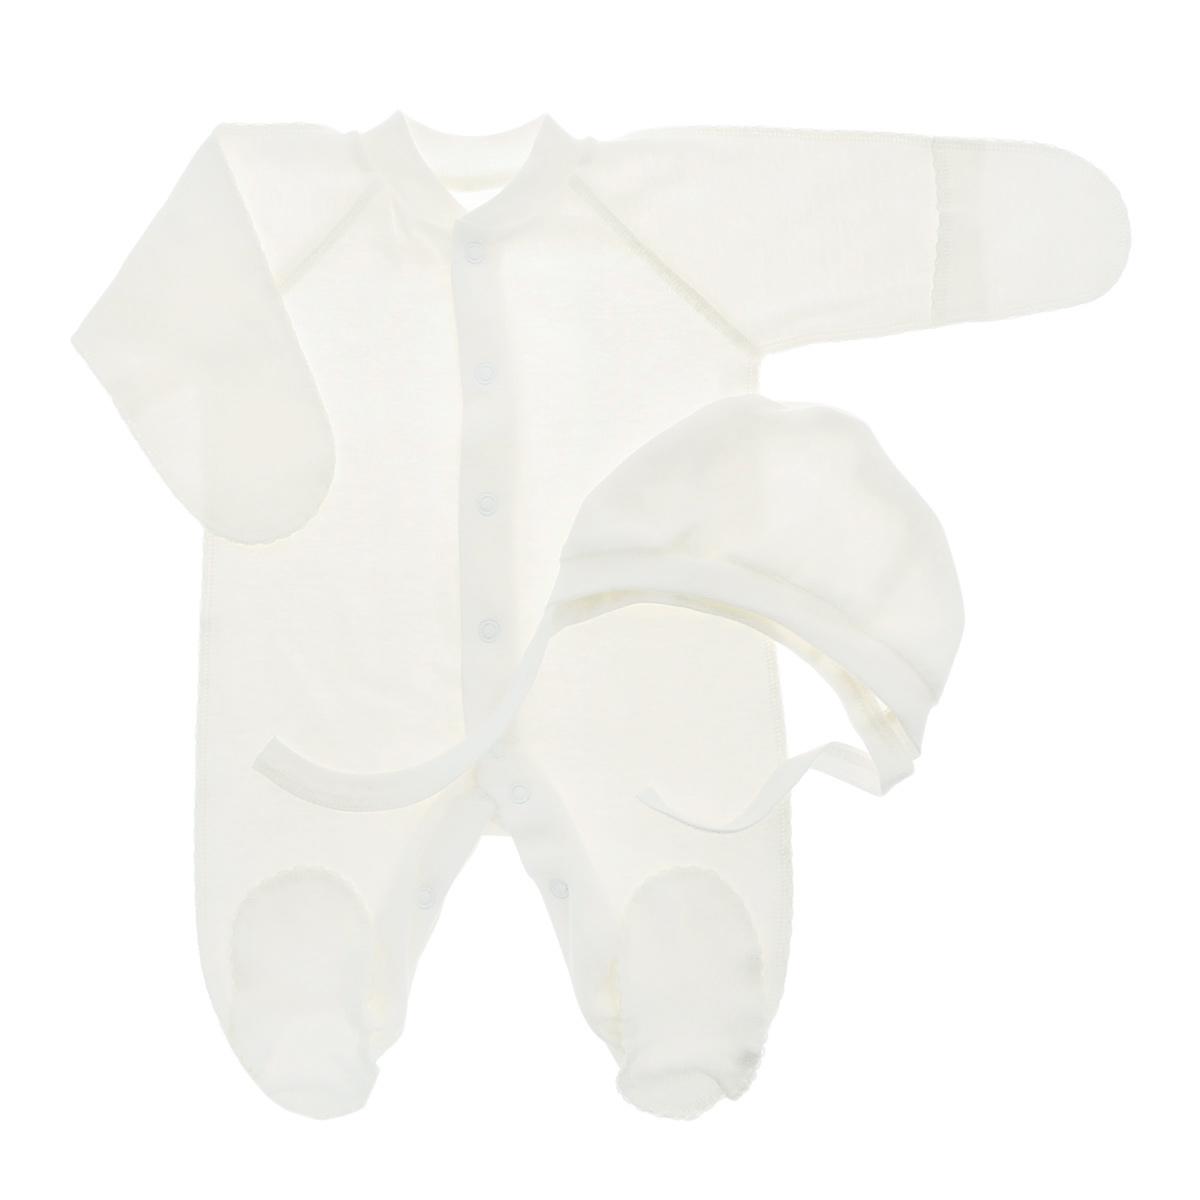 Комплект детский: комбинезон, чепчик. 37-523137-5231Комплект Фреш Стайл, состоящий из комбинезона и чепчика, идеально подойдет вашему ребенку. Изготовленный из 100% хлопка, он необычайно мягкий и легкий, приятный на ощупь, не раздражает нежную кожу ребенка и хорошо вентилируется. Комбинезон с воротником-стойкой, длинными рукавами-реглан и закрытыми ножками имеет удобные застежки-кнопки по всей длине и на ластовице, которые помогают легко переодеть ребенка или сменить подгузник. Комбинезон имеет рукавички, с помощью которых ручки могут быть открыты или спрятаны и ваш ребенок не поцарапает себя. Мягкий чепчик защищает еще не заросший родничок, щадит чувствительный слух малыша, а мягкая резиночка, не сдавливая голову малыша, прикрывает ушки и предохраняет от теплопотерь. Швы элементов комплекта выполнены наружу и отделаны красивой декоративной строчкой. Комплект полностью соответствует особенностям жизни малыша в ранний период, не стесняя и не ограничивая его в движениях.